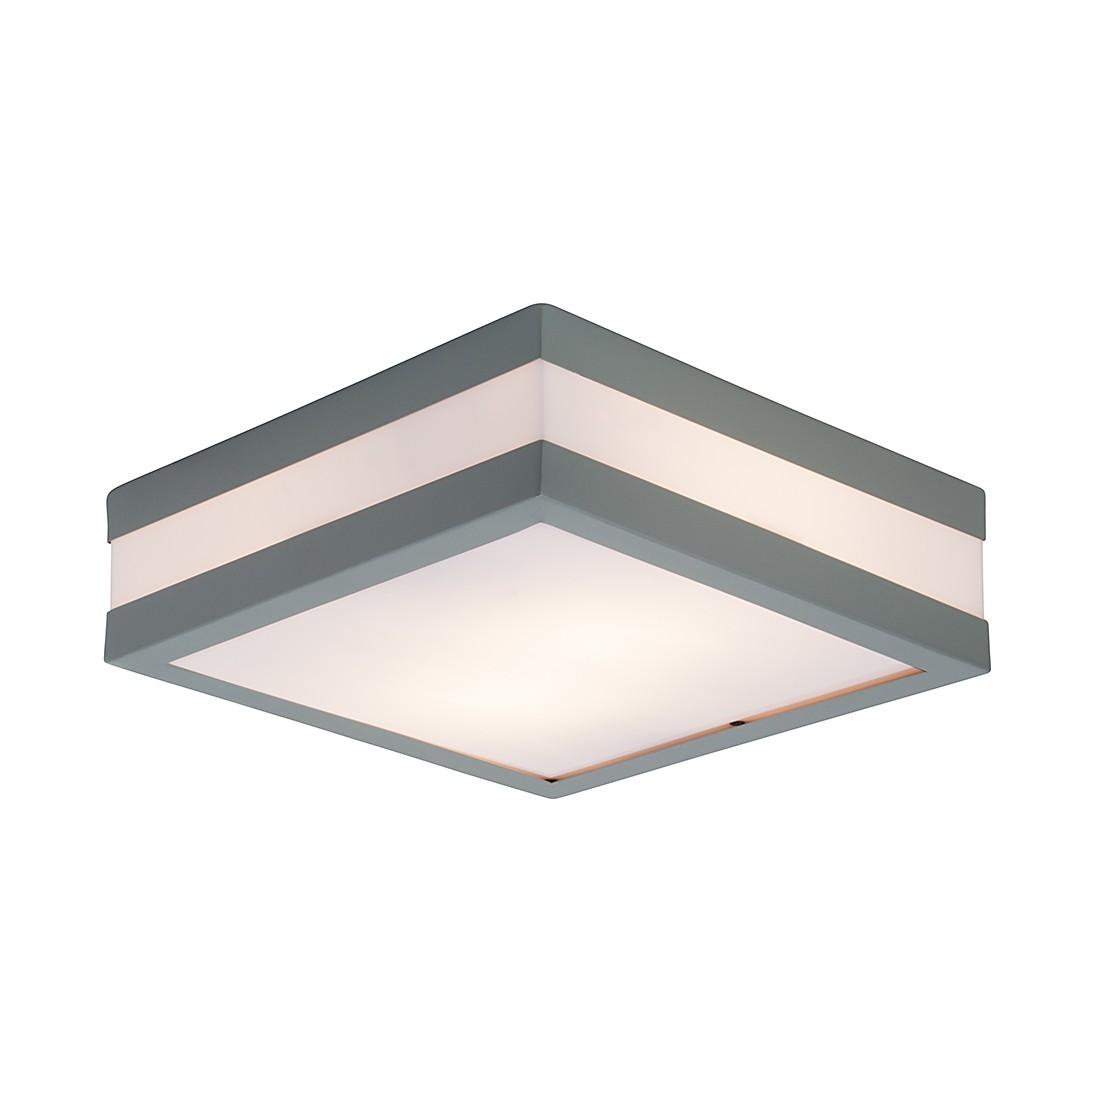 EEK A++, Außenleuchte Sally - Aluminium/Edelstahl/Kunststoff - Grau & Weiß - 2-flammig, Brilliant